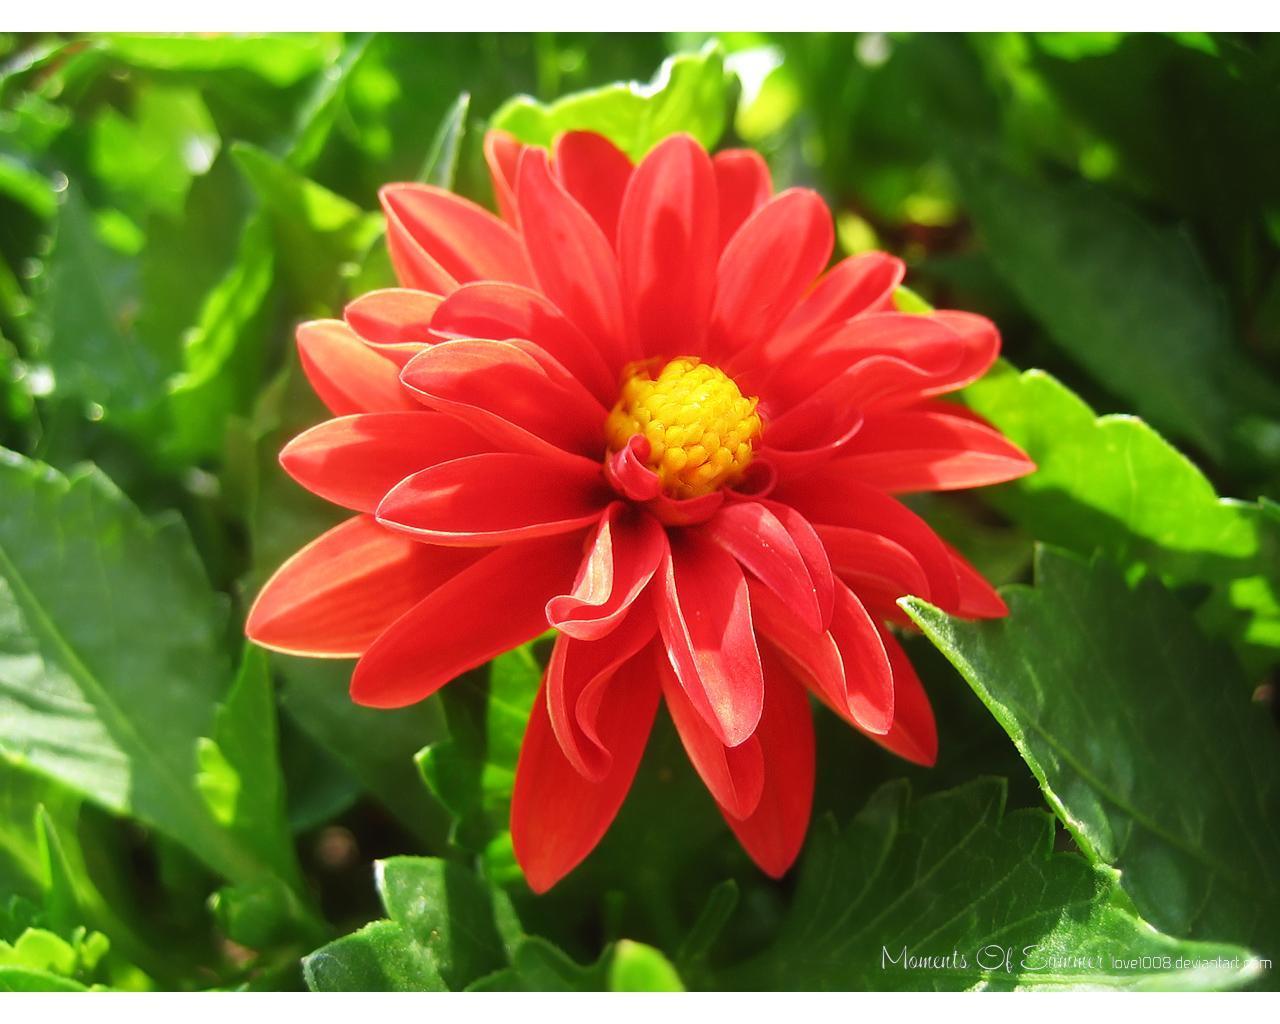 عکسهایی از گلهای زیبا با کیفیتی بسیار بالا